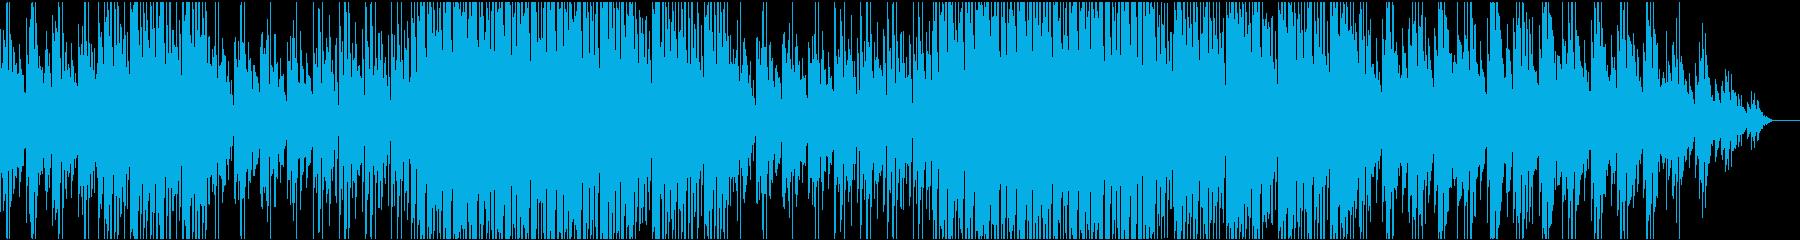 ノスタルジックなポップスの再生済みの波形